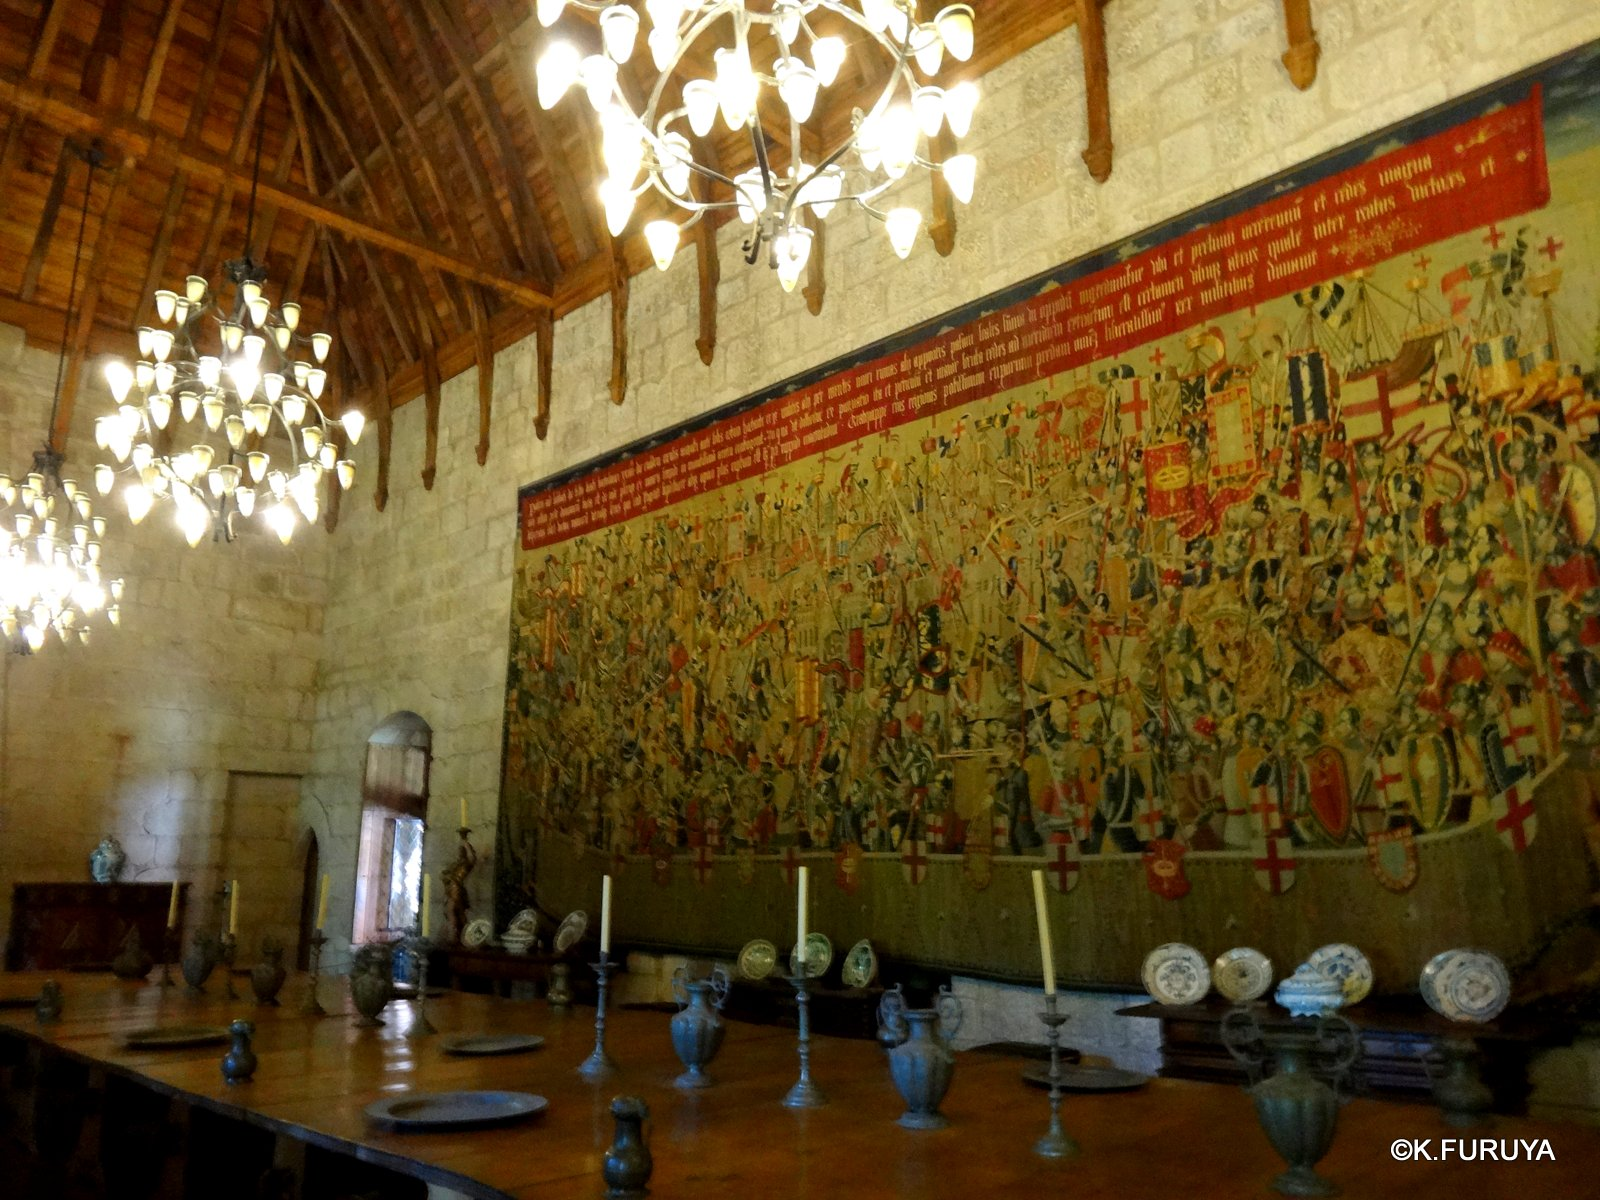 ポルトガル旅行記 11 ポルトガル発祥の地 ギマランイス_a0092659_120993.jpg